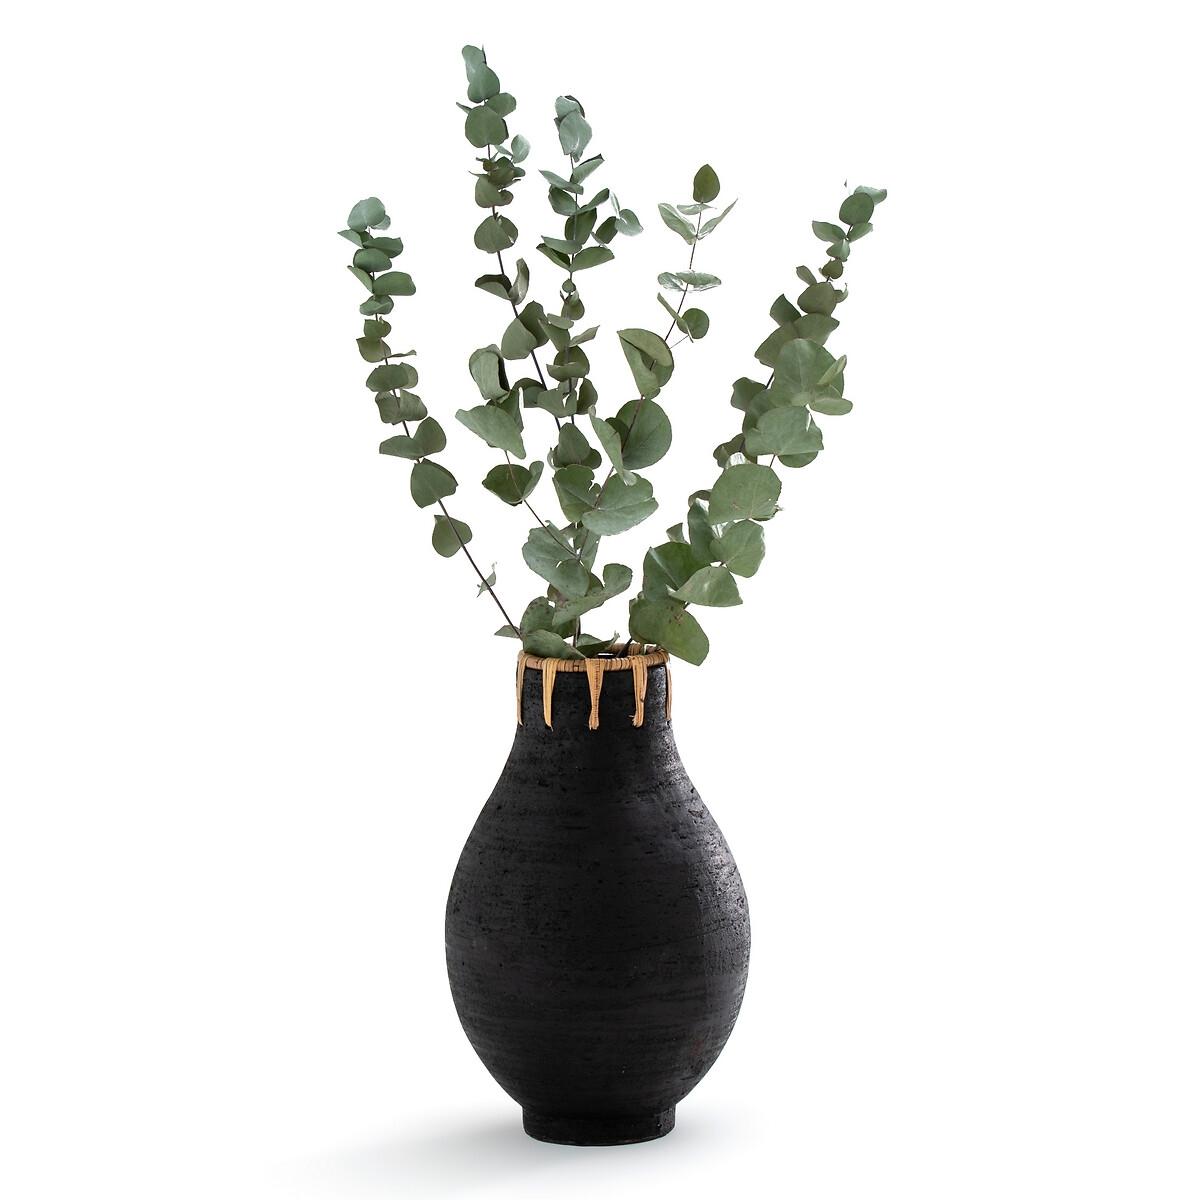 Ваза LaRedoute Декоративная из керамики и ротанга В32 см Kuro единый размер черный мебель из ротанга